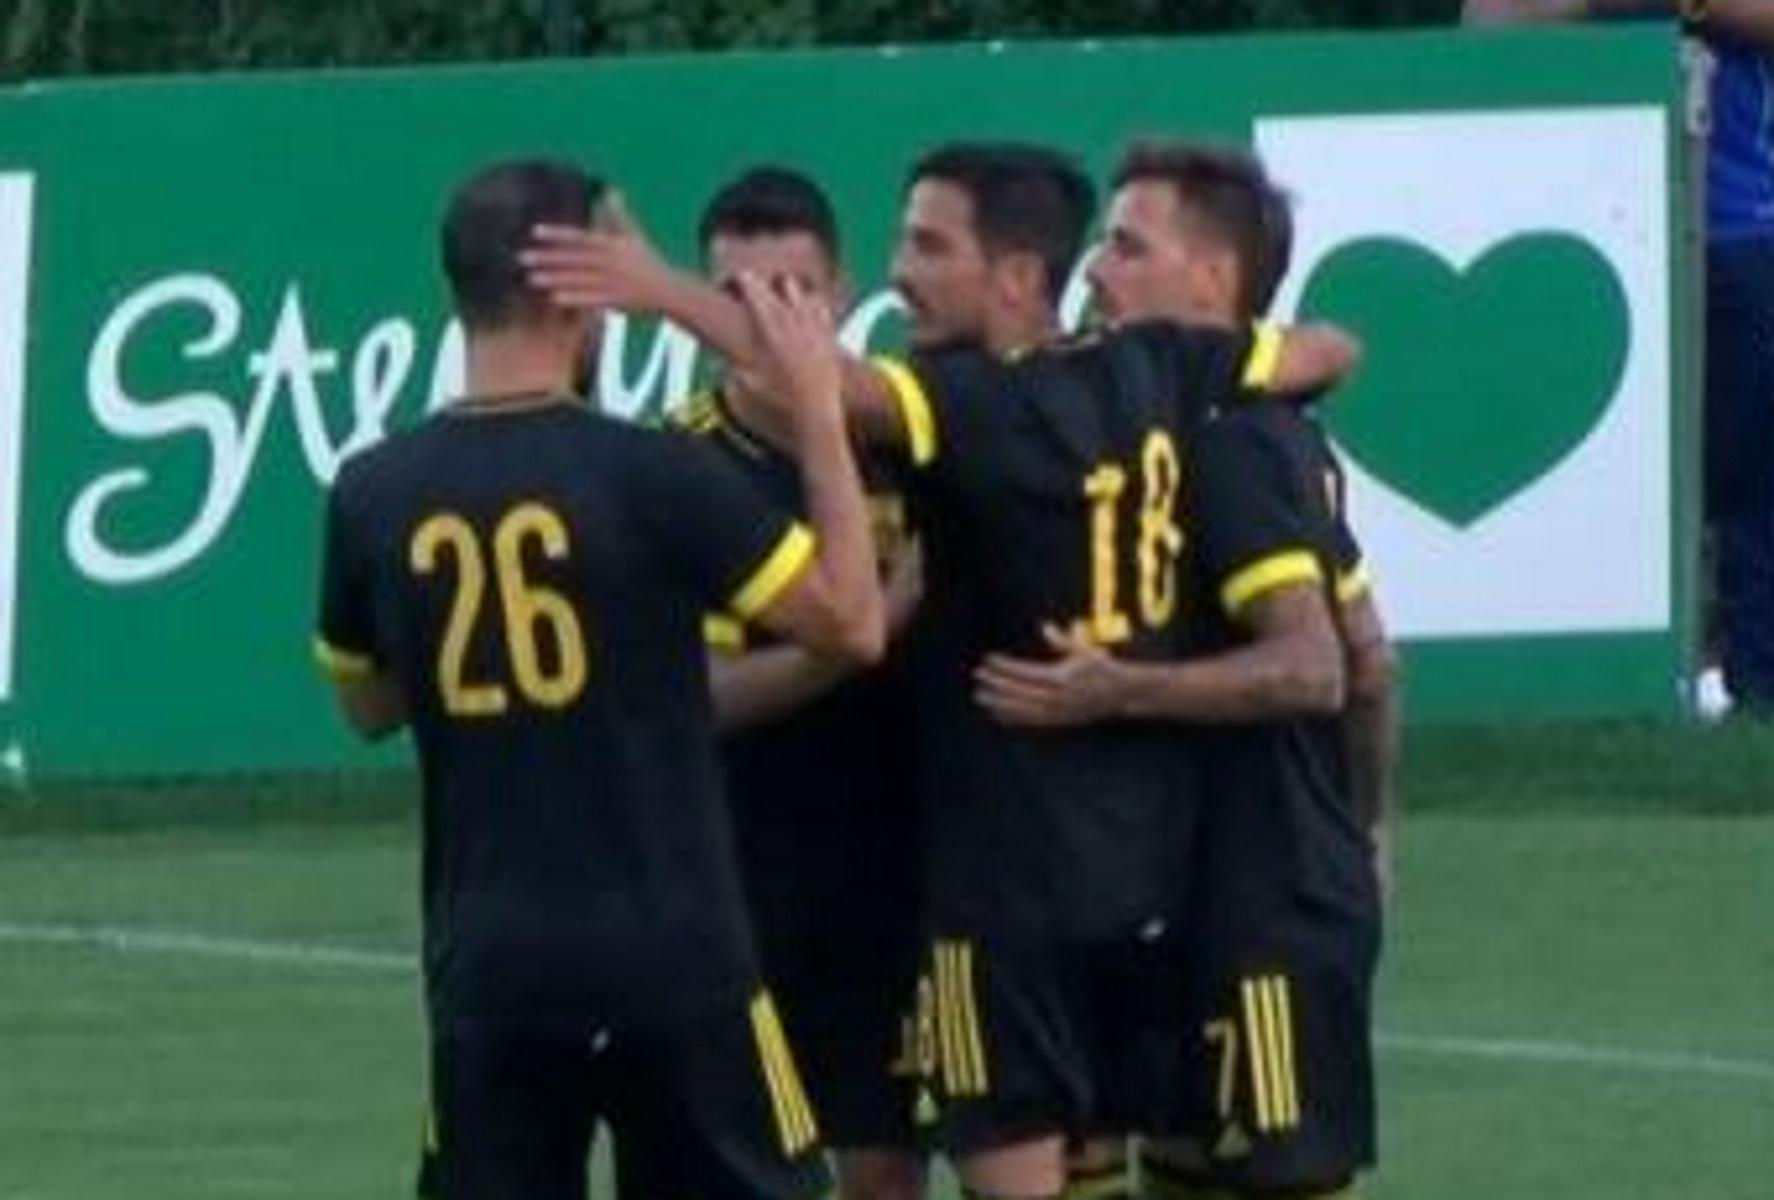 Άρης: Η ώρα του πρώτου ματς με την Αστάνα για το Conference League